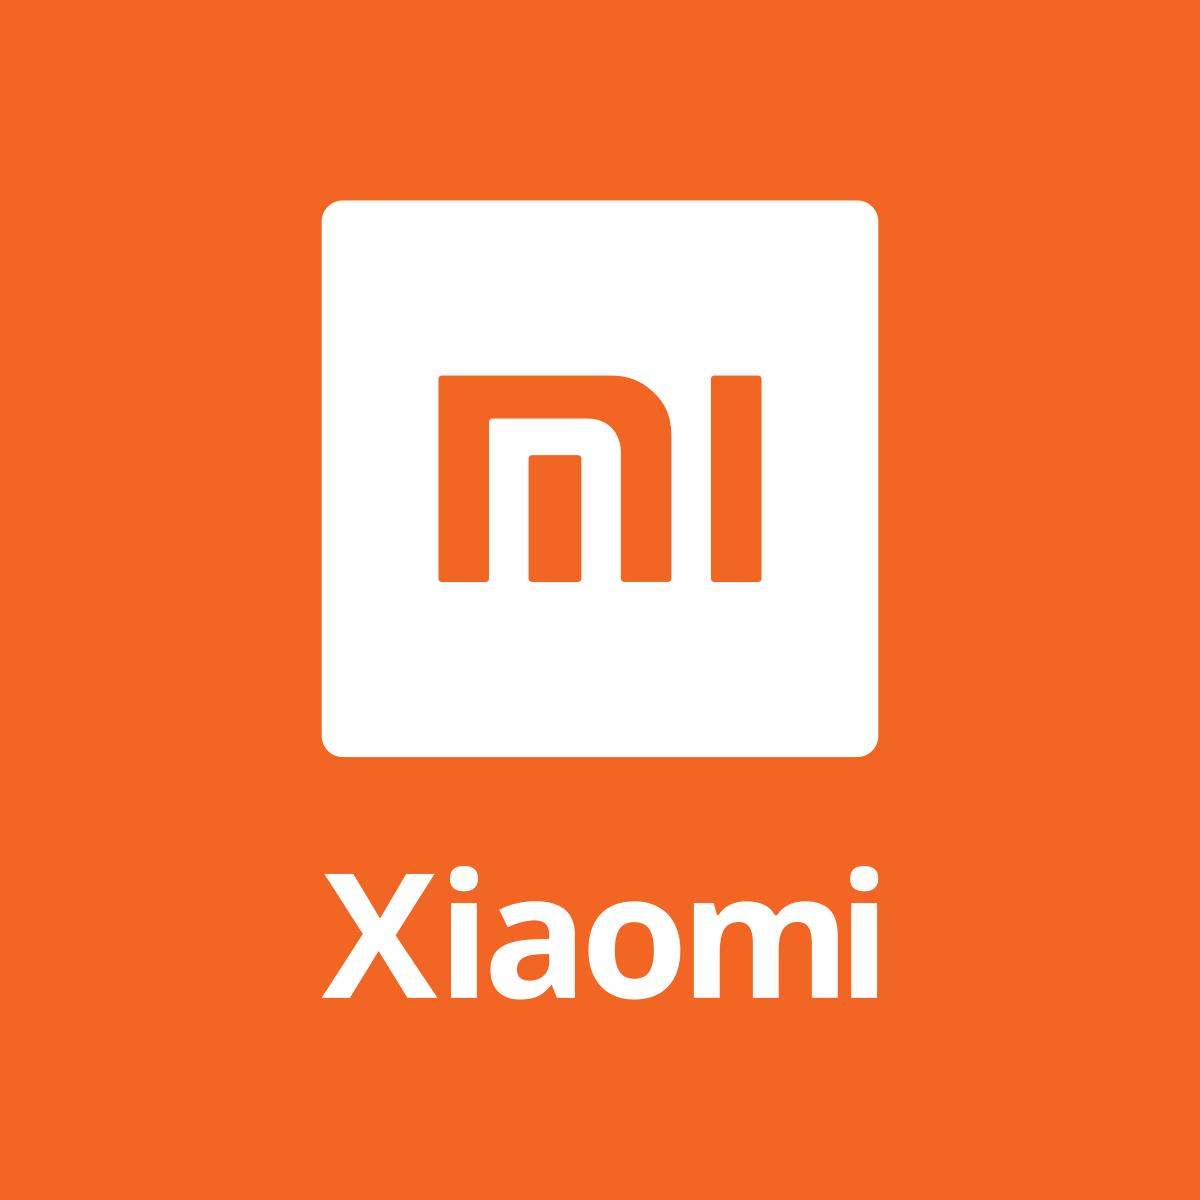 Migliori modelli Xiaomi 2019 (Dicembre 2019)